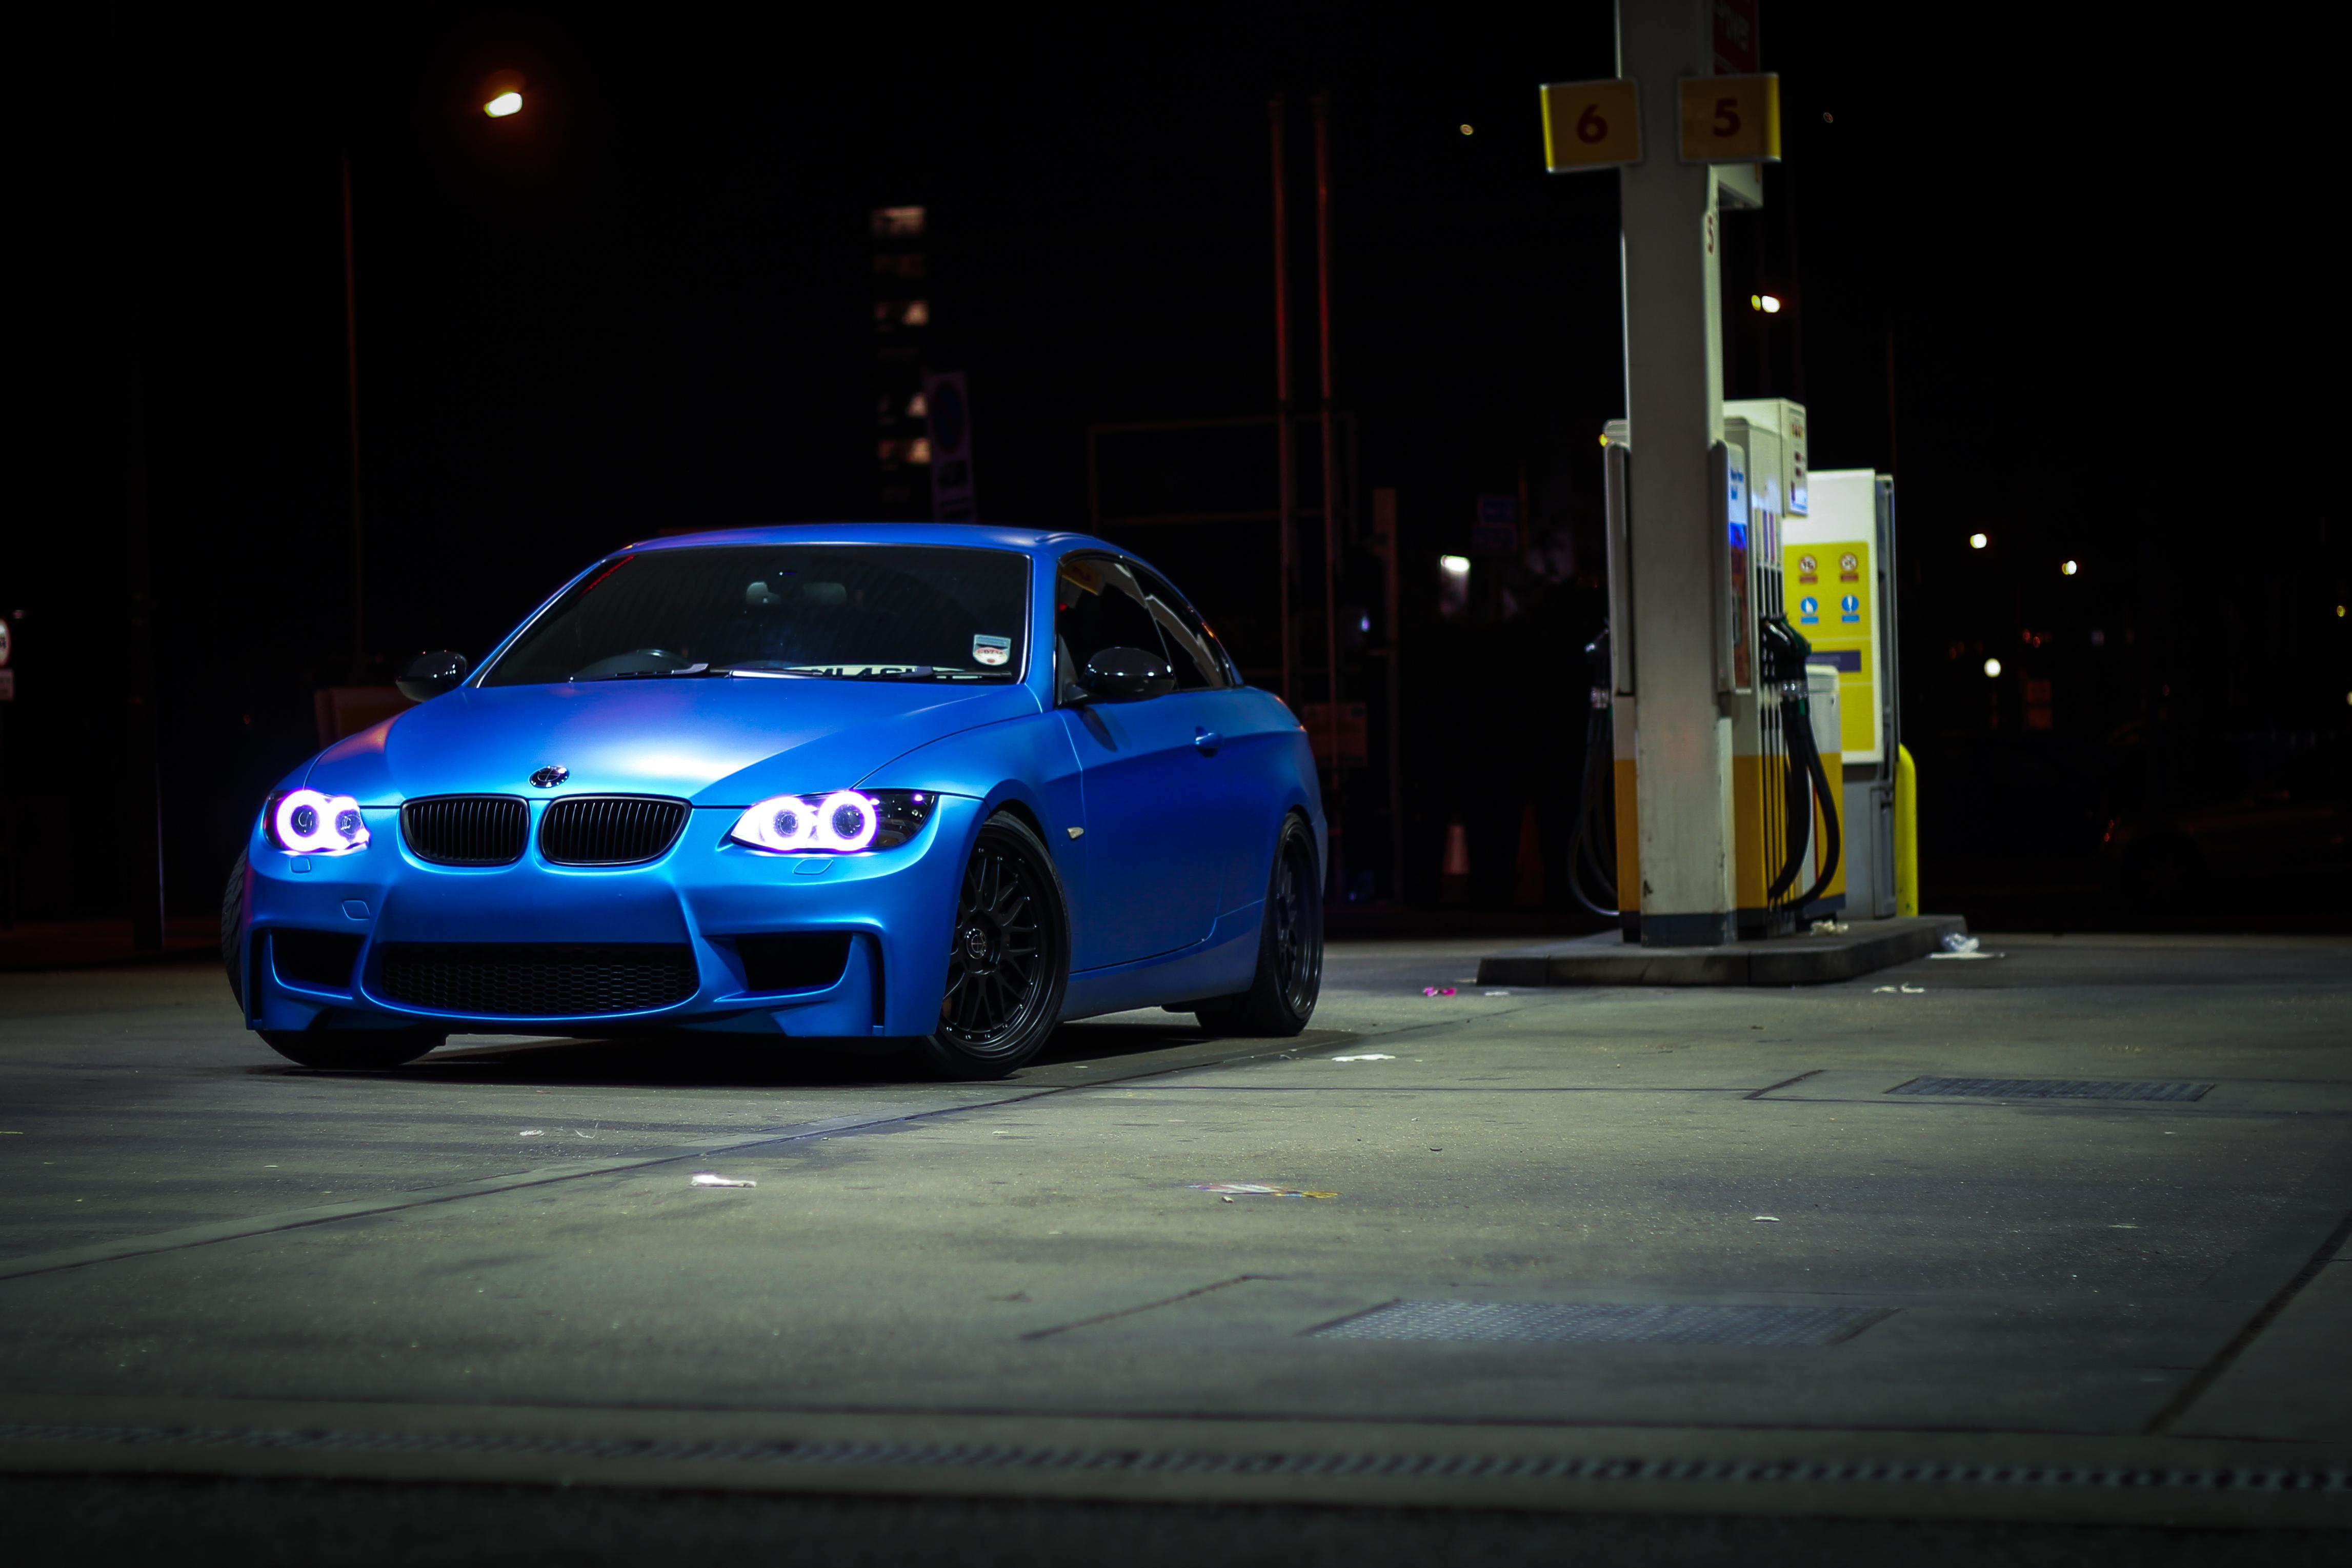 синяя bmw на улочке без смс